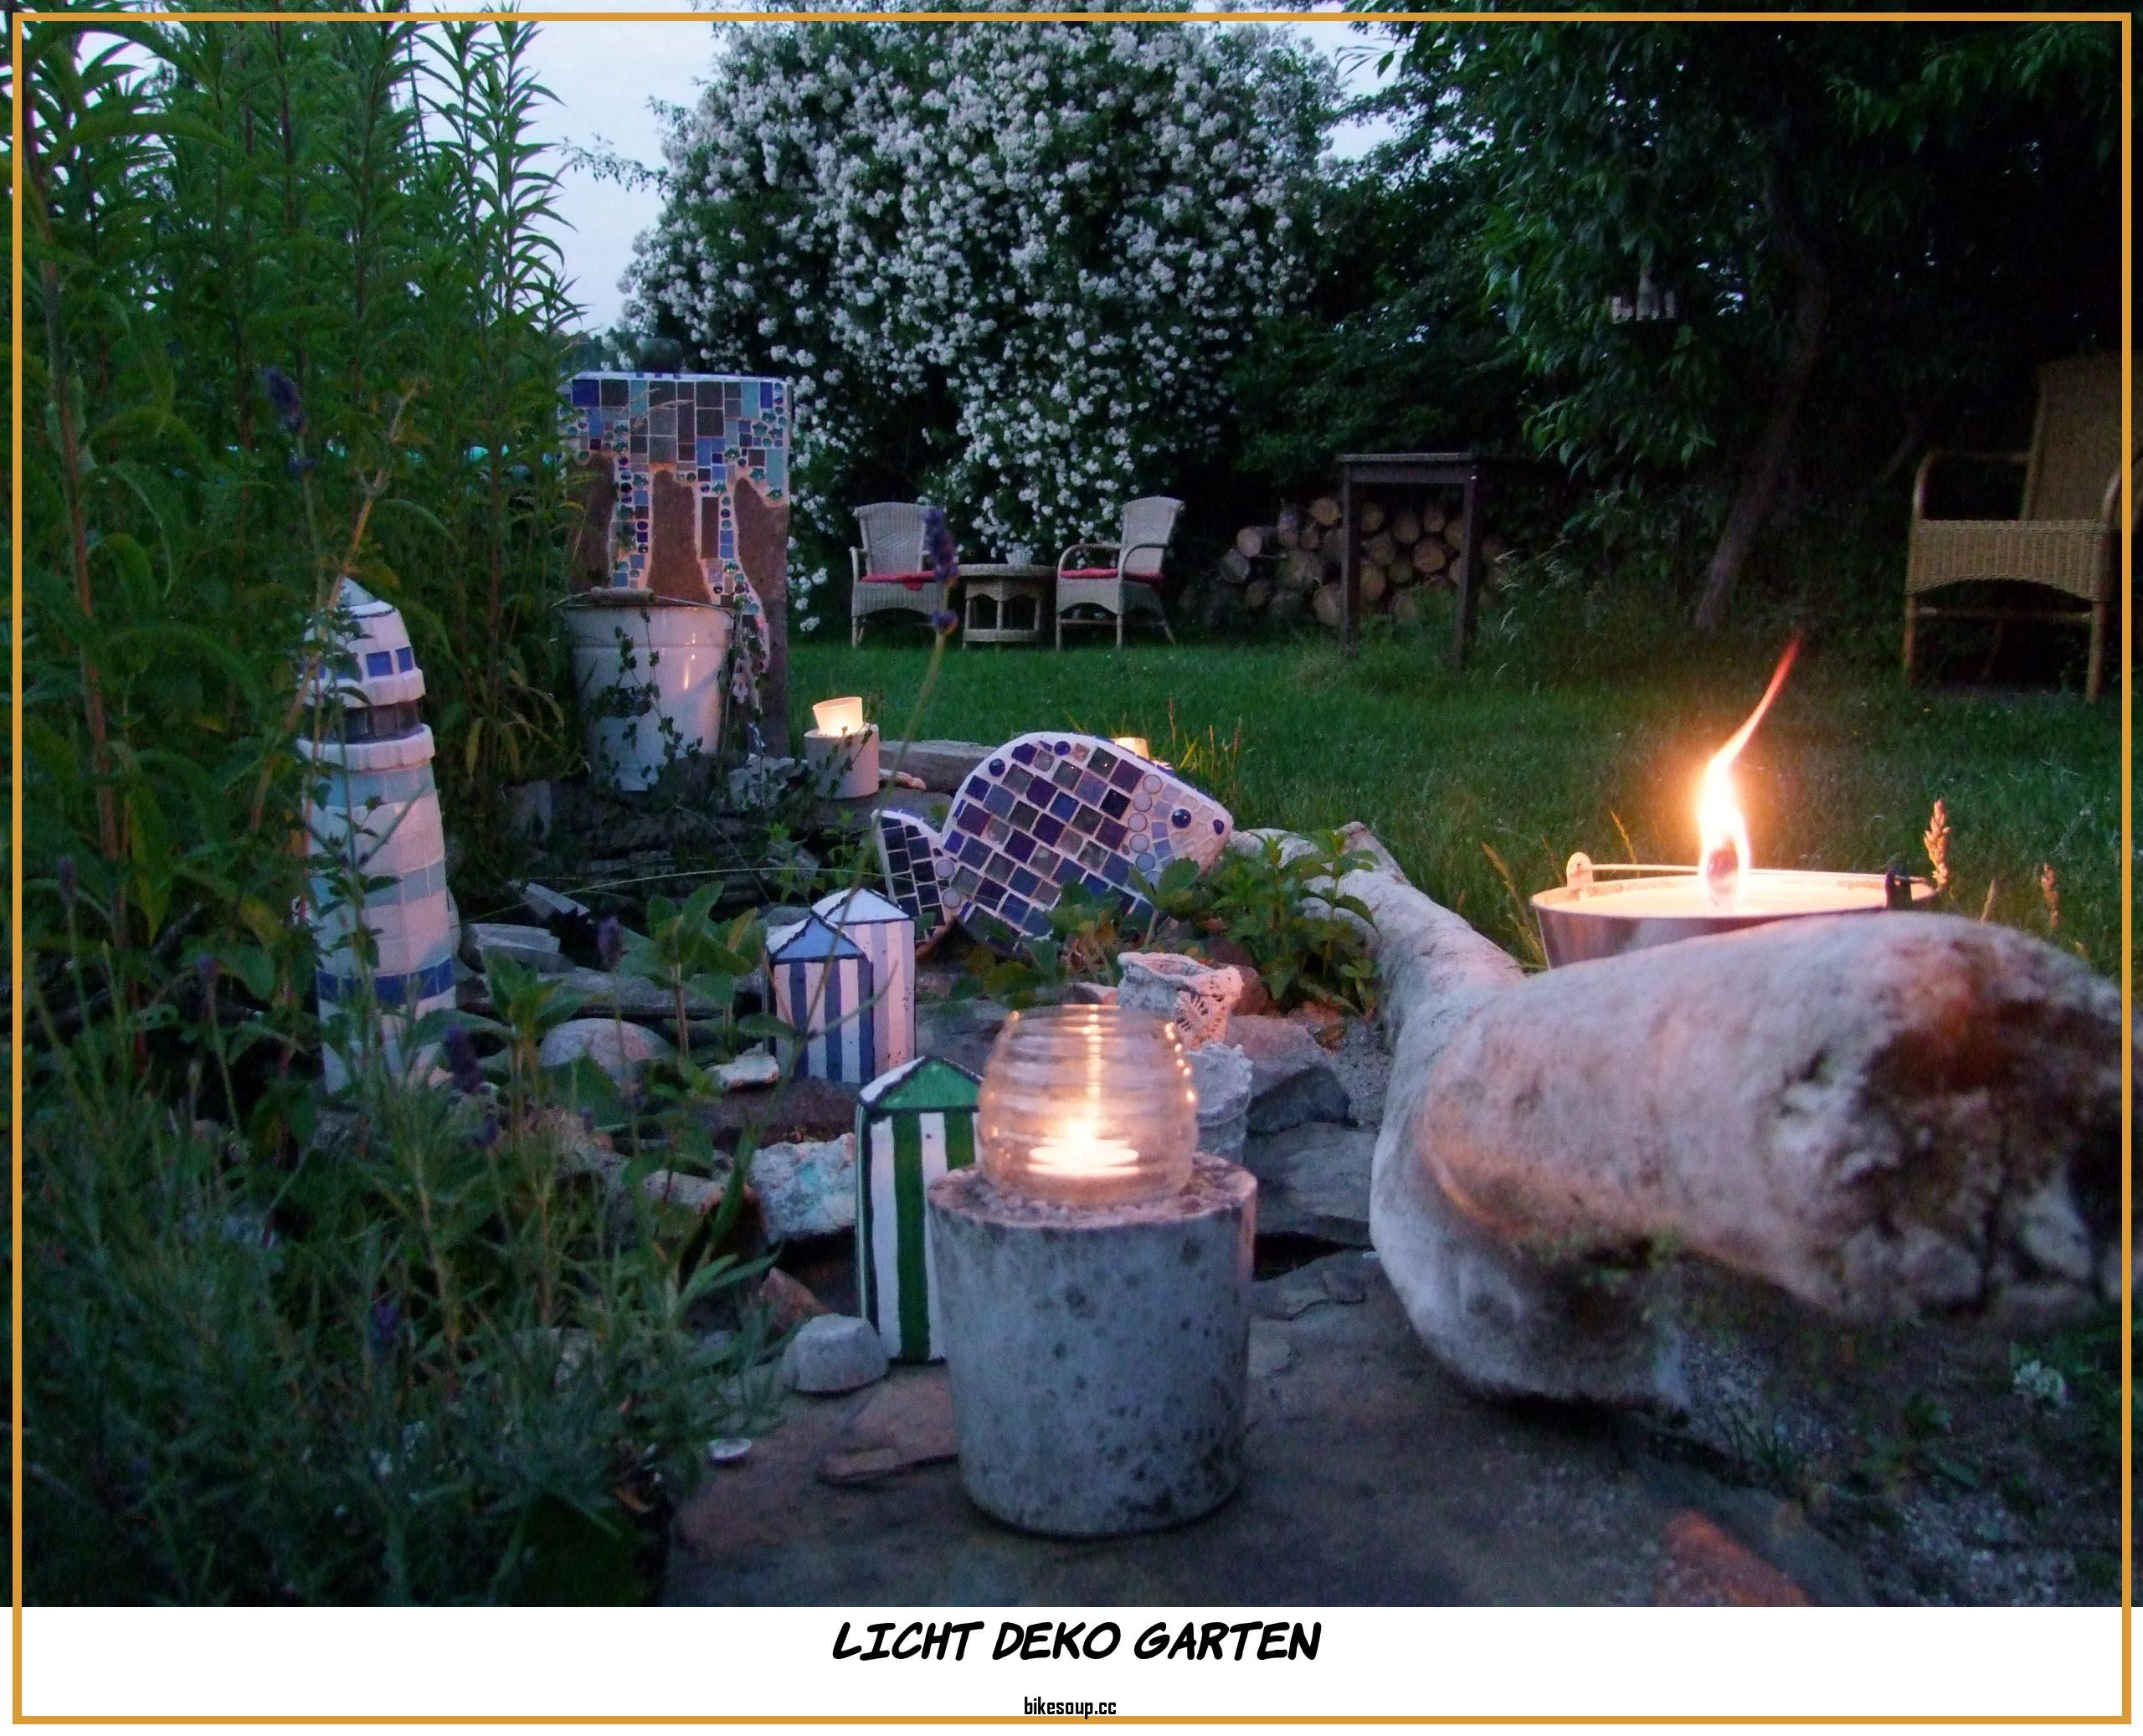 27 Neu Licht Deko Garten 27 Neu Licht Deko Garten In 2020 Garten Deko Mosaikgarten Gartendekoration